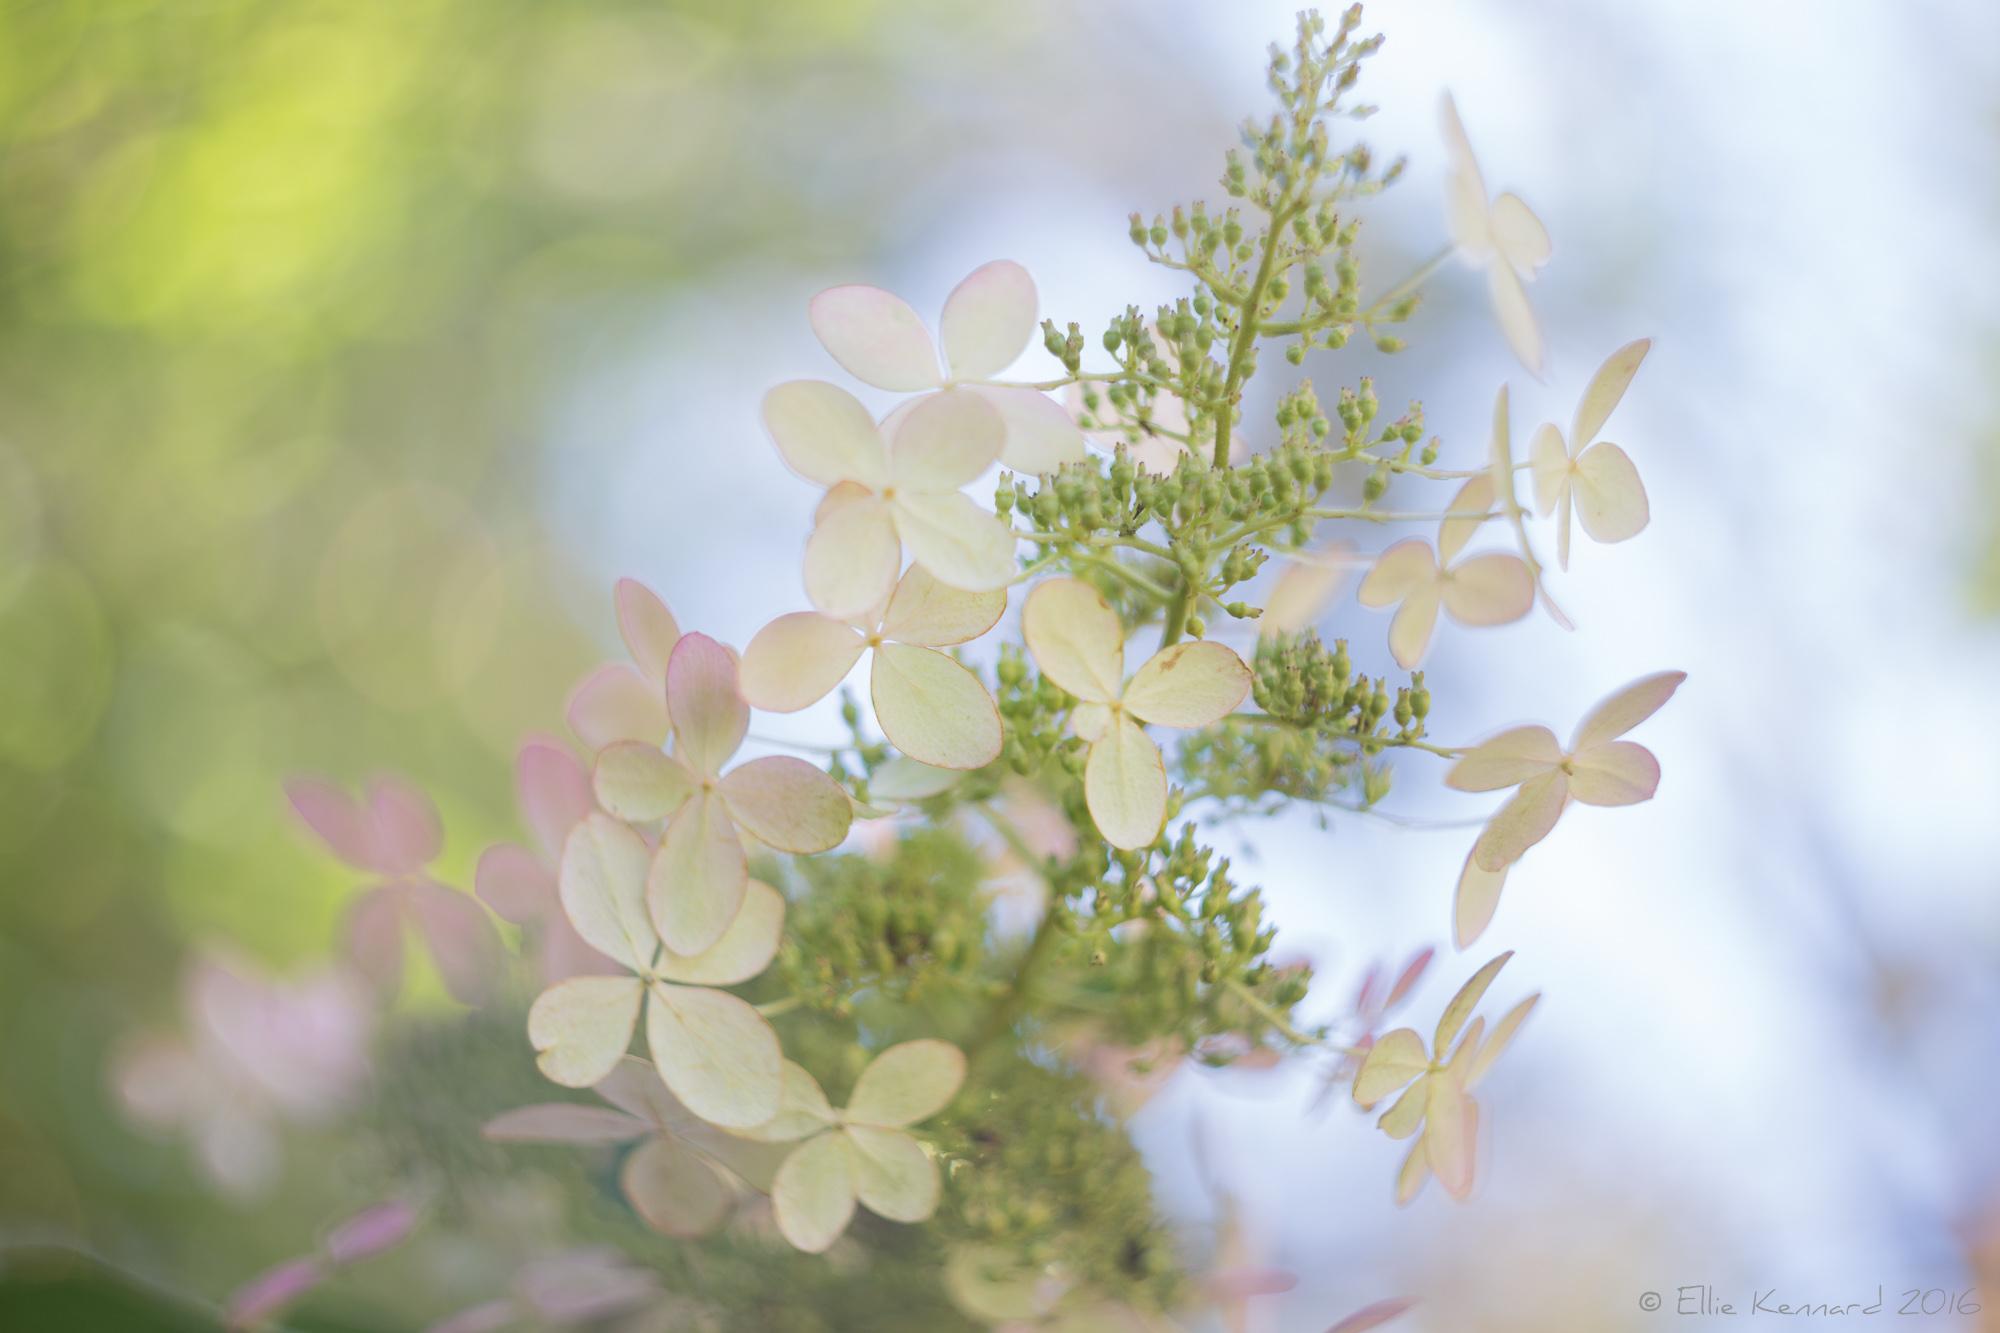 Autumn Hydrangea cream flowers - Ellie Kennard 2016